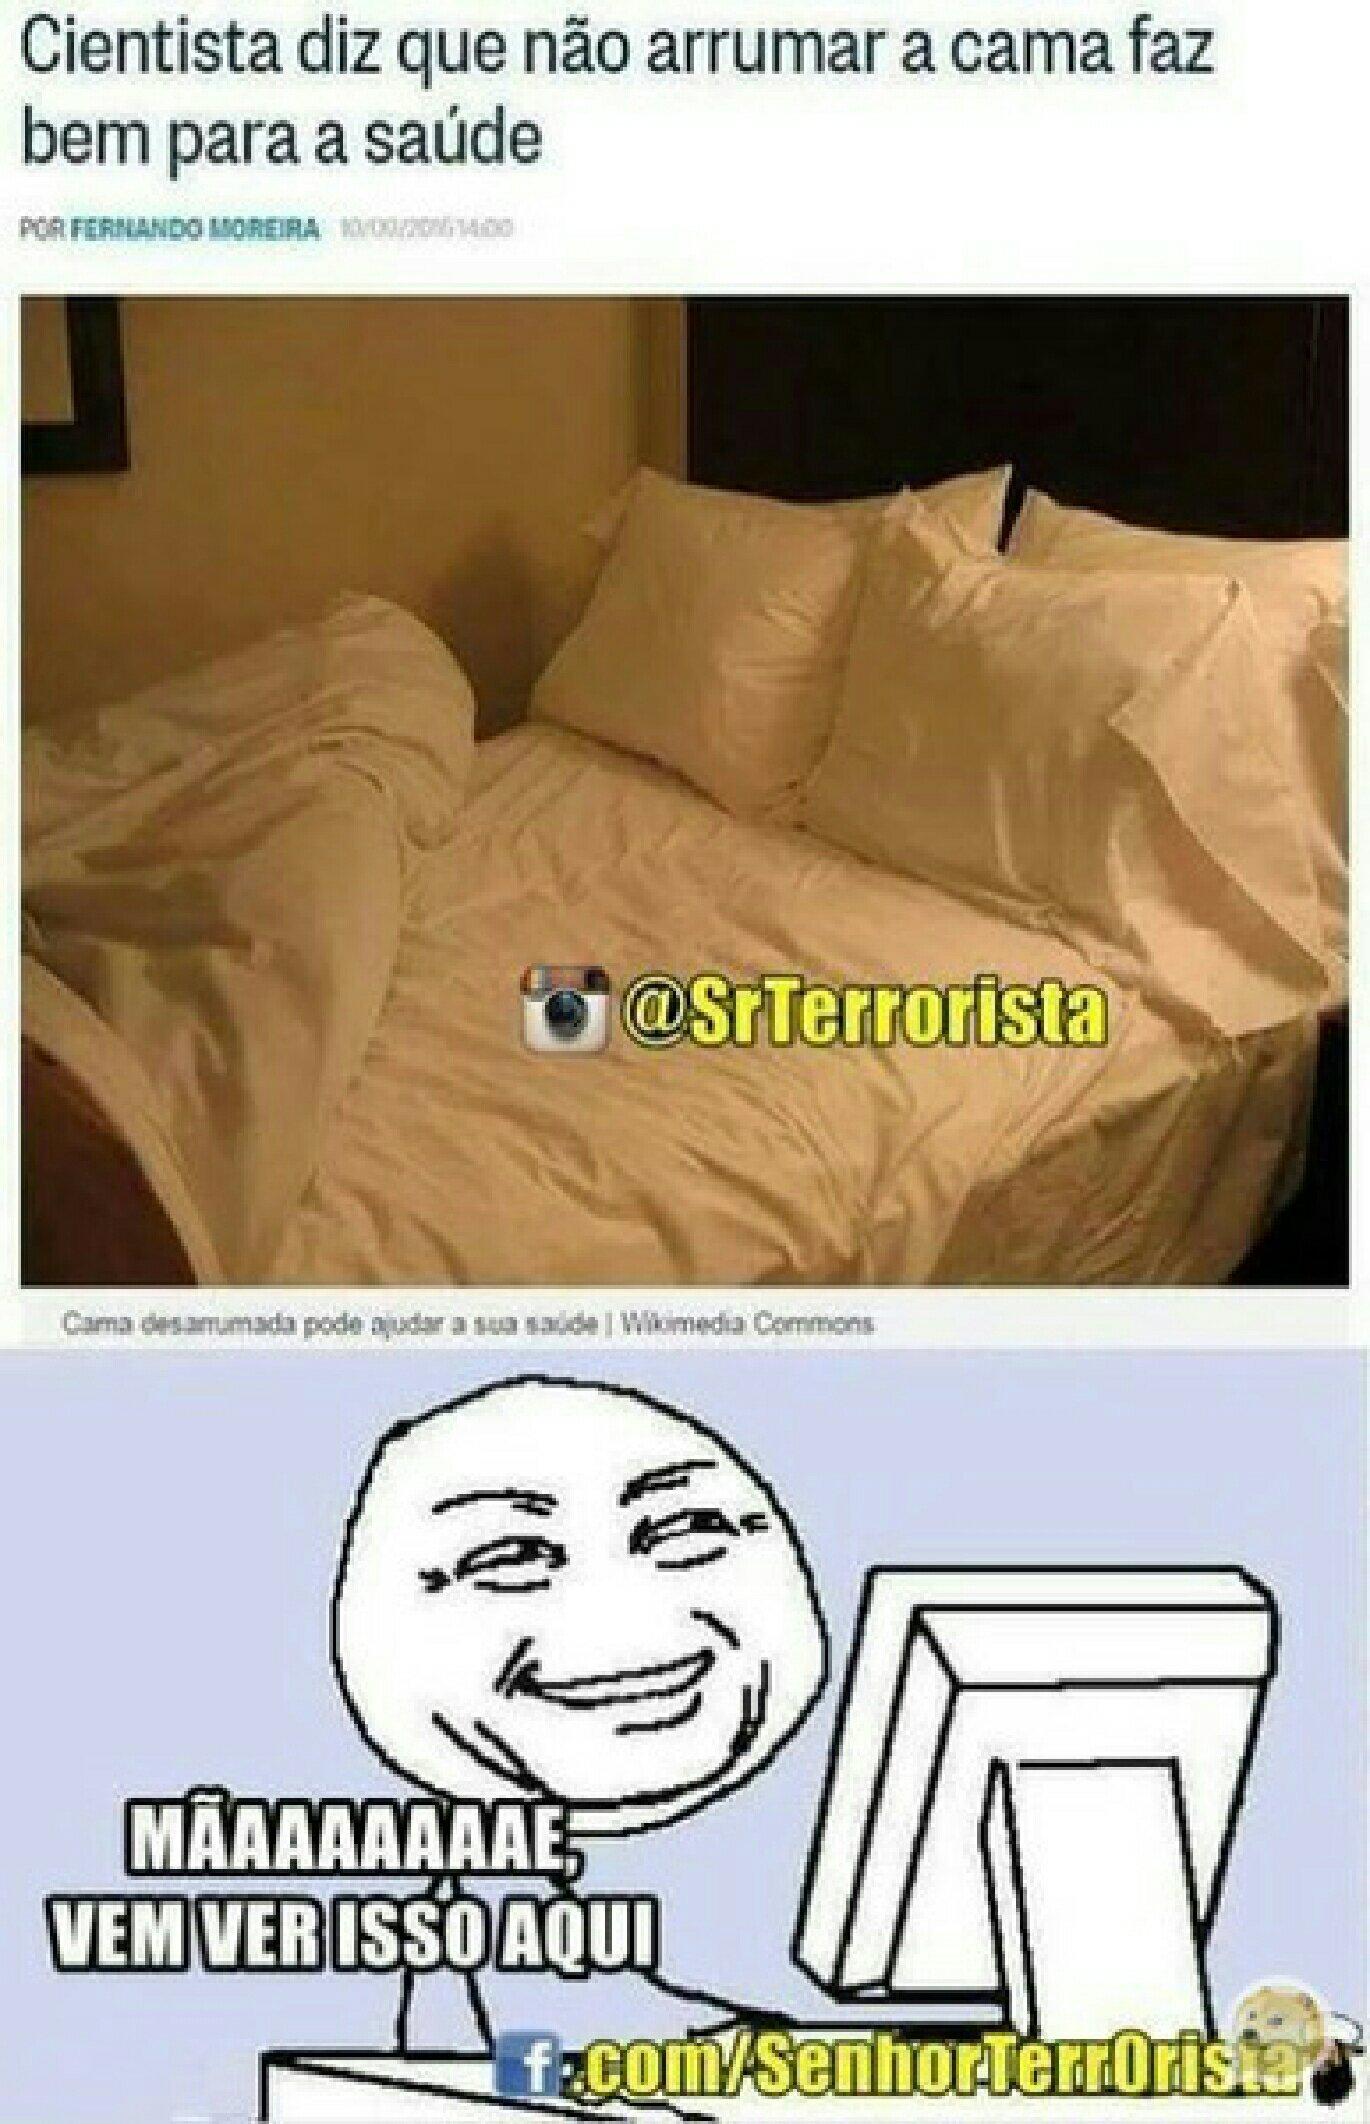 Não vou mais arrumar a cama - meme